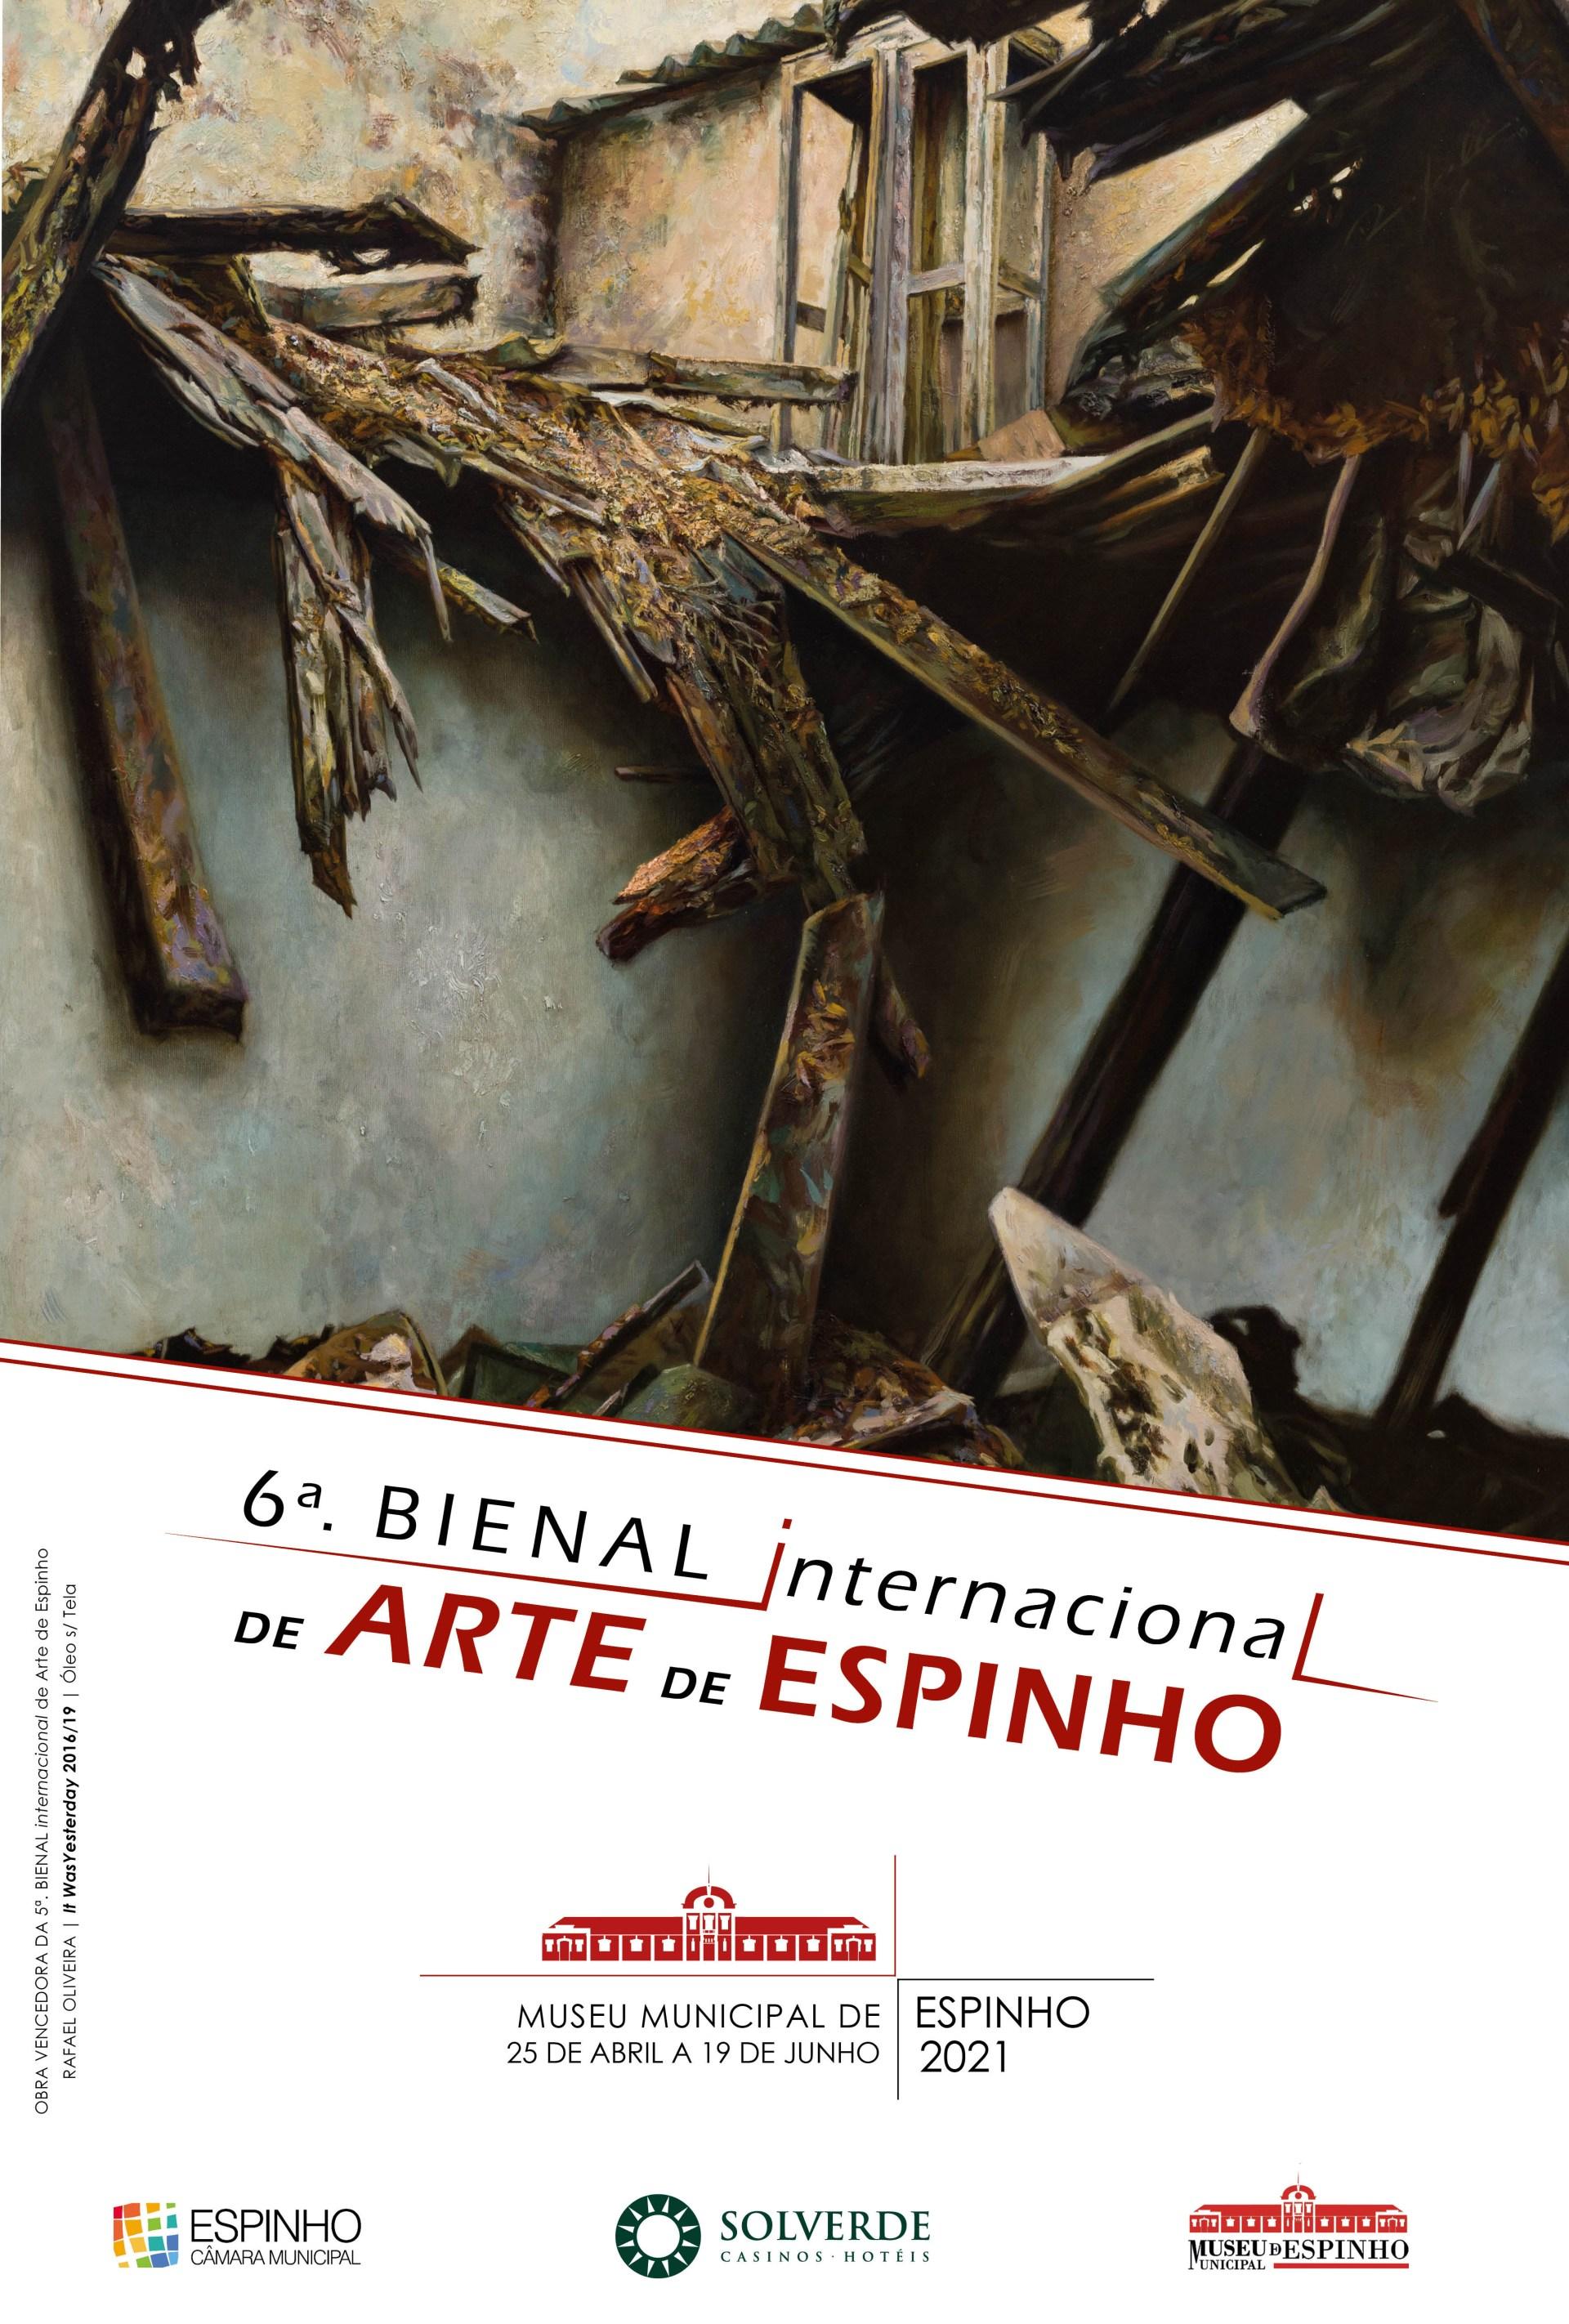 6ª Bienal Internacional de Arte de Espinho